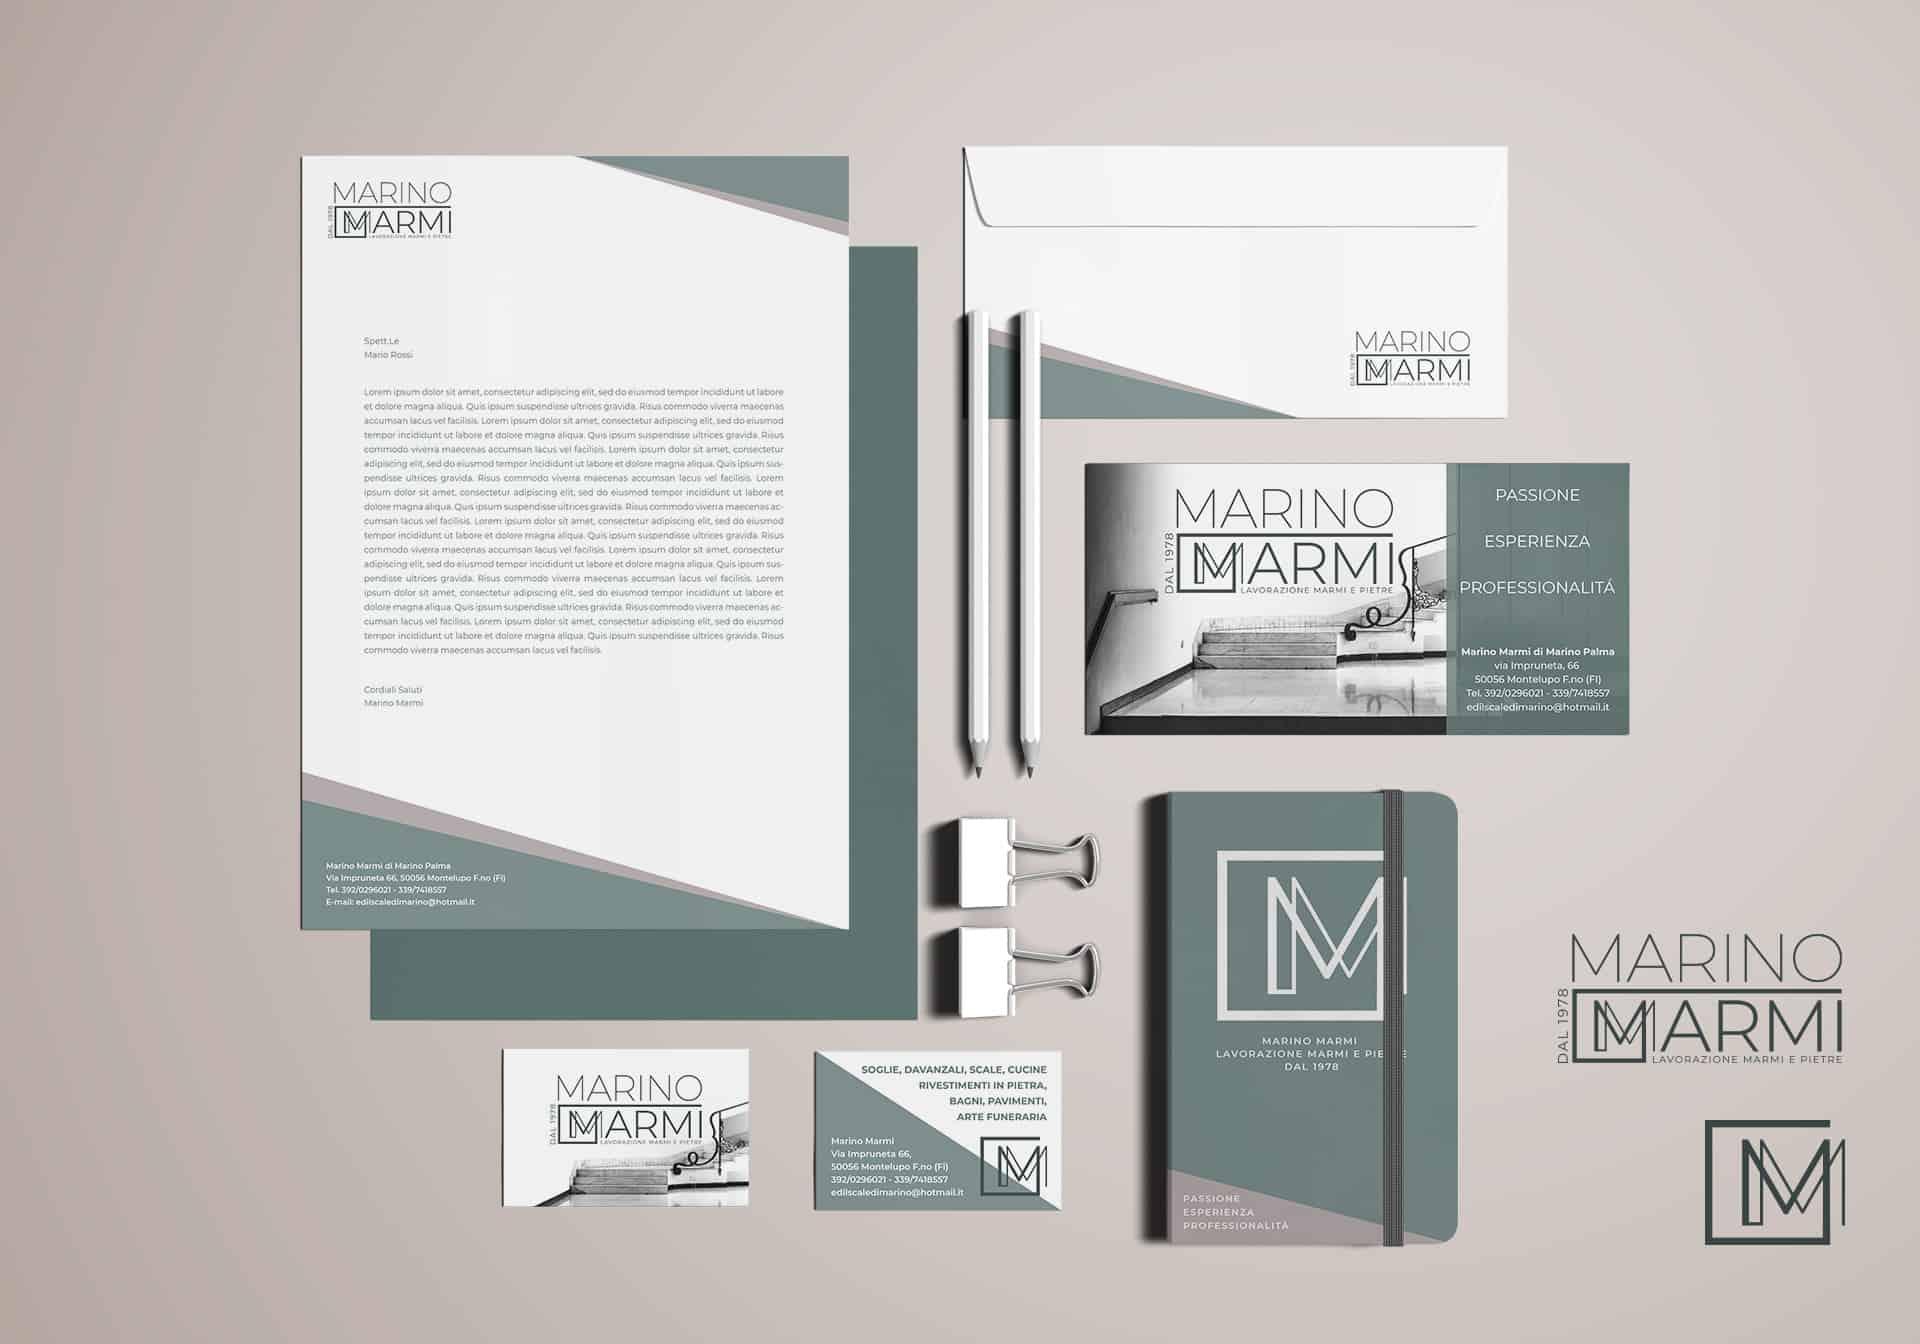 Immagine-coordinata-logotipo-Marino-Marmi